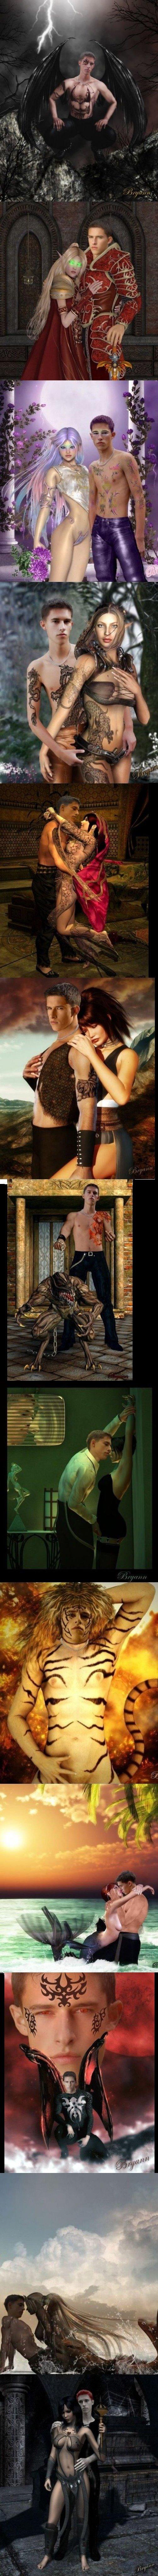 Photoshop master. Master!.. Virginity entact photoshop real m